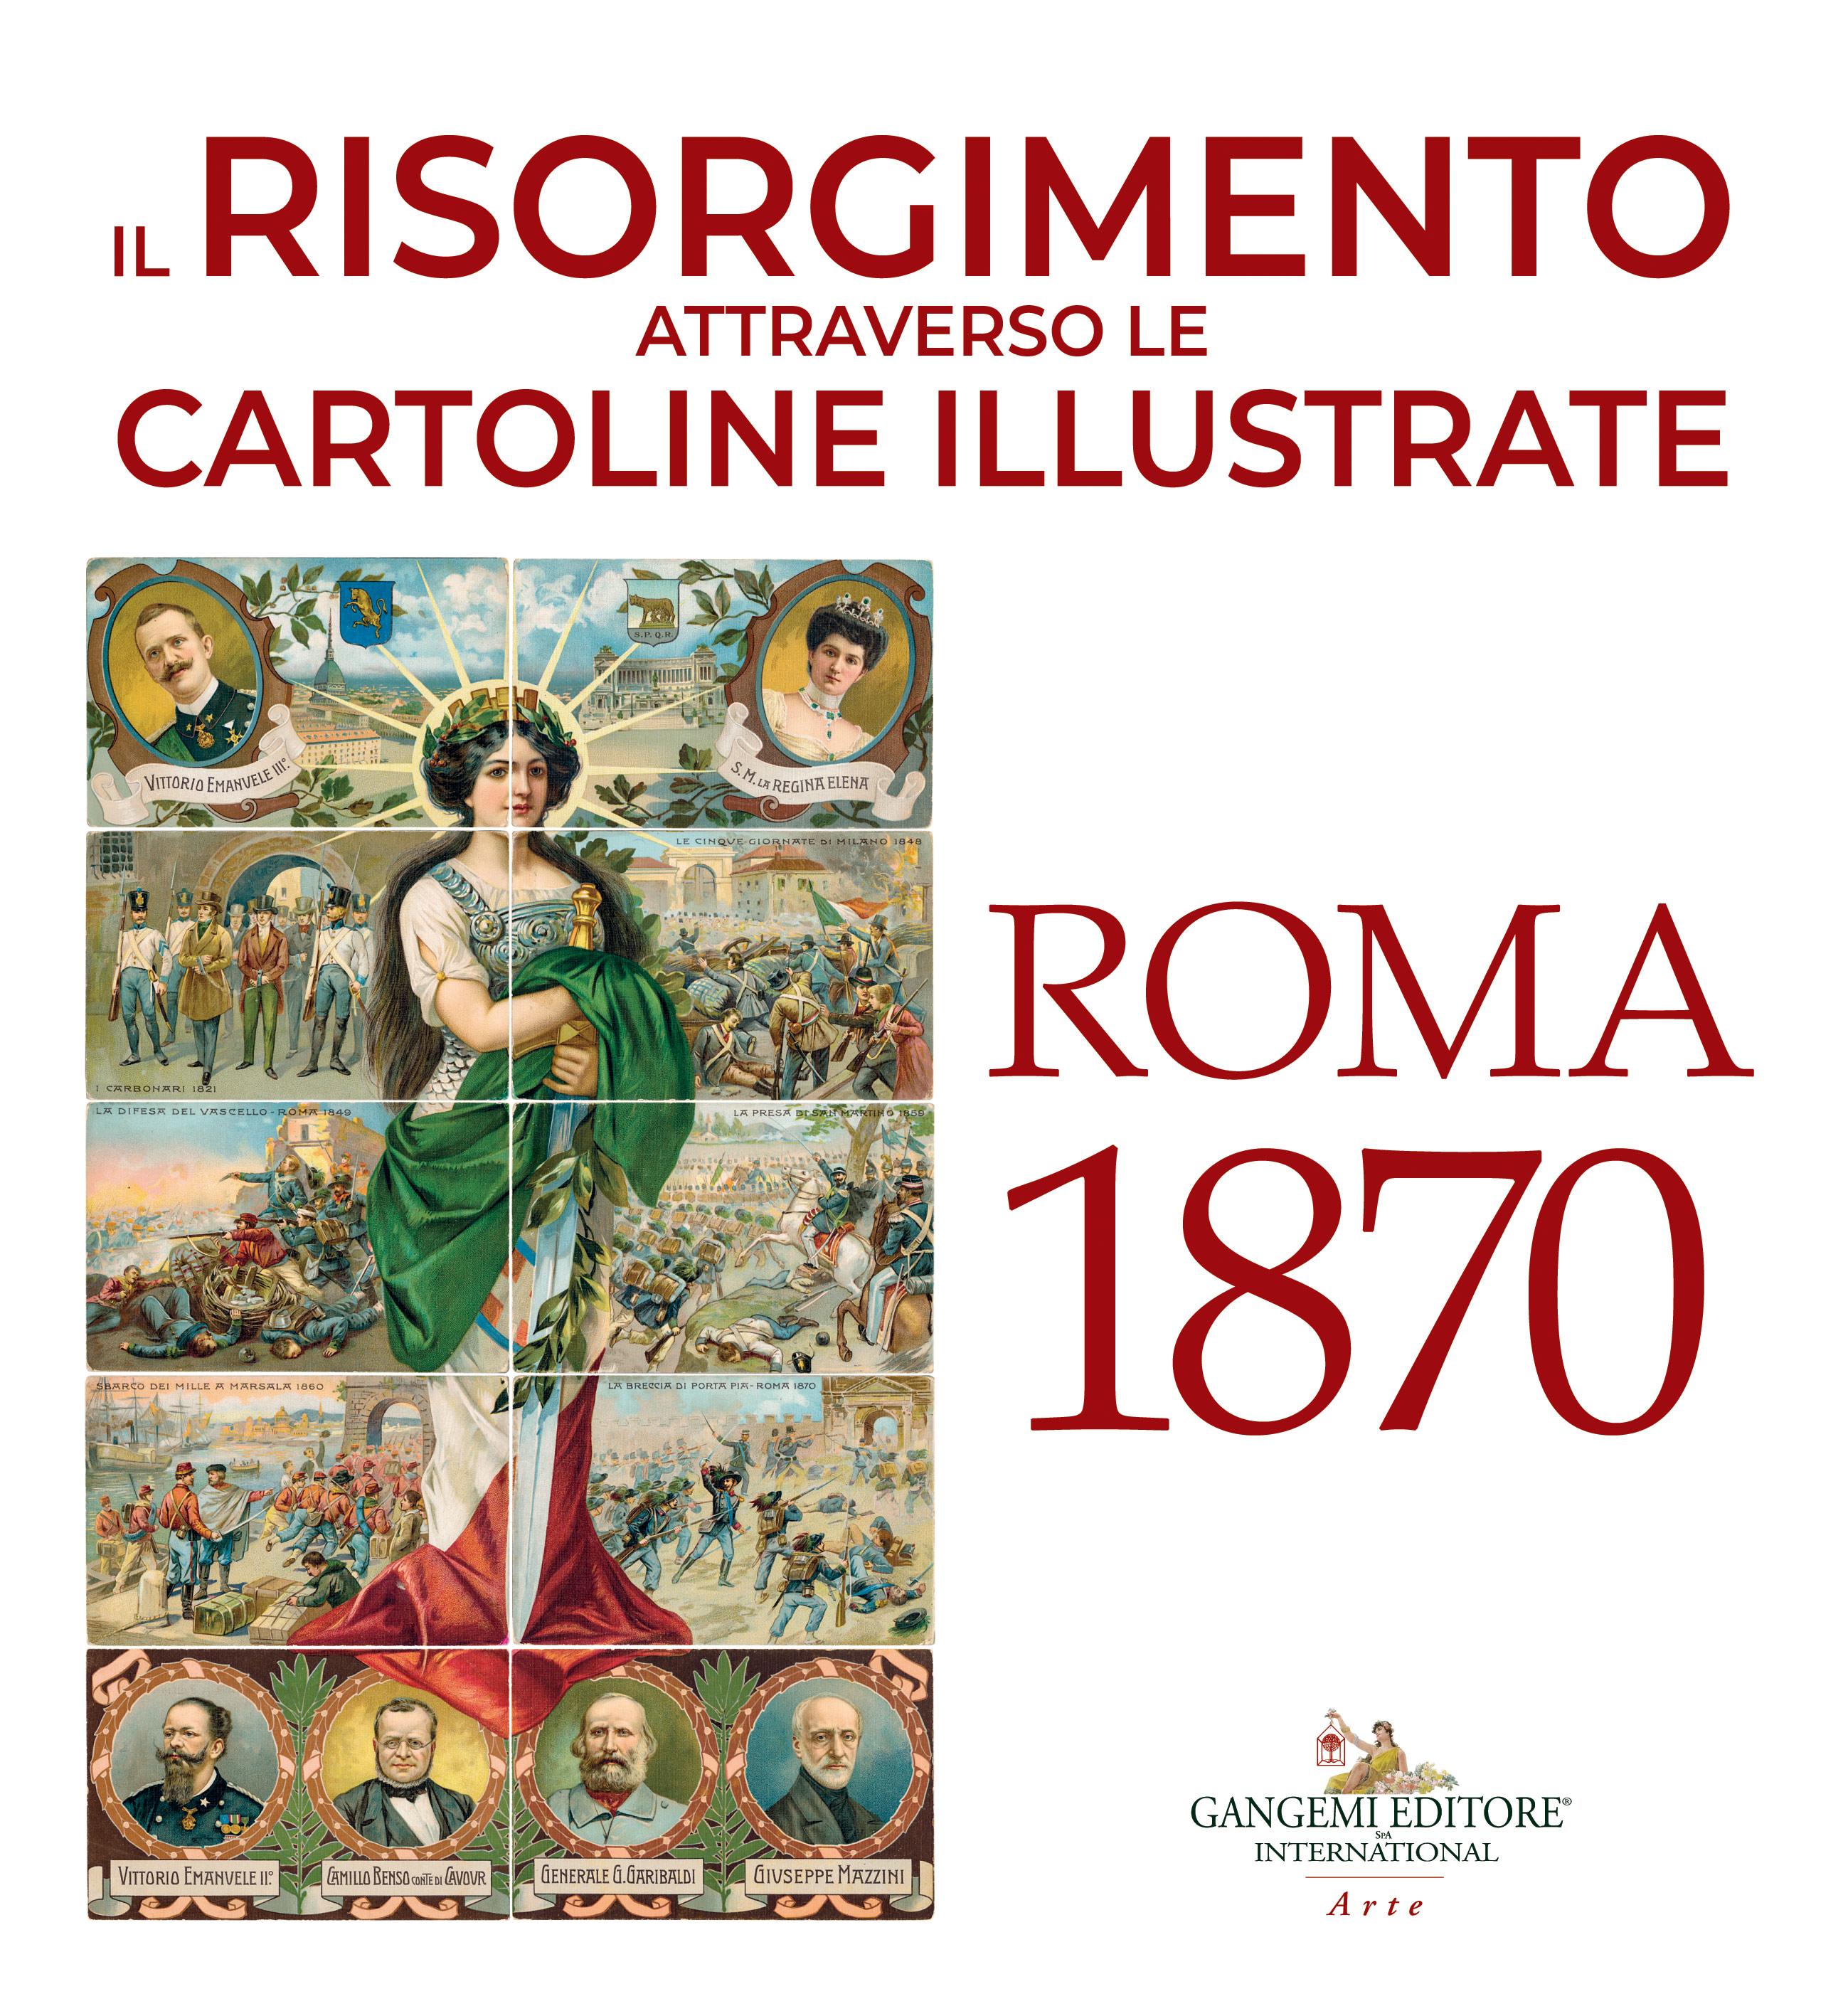 Immagine della copertina del volume Il Risorgimento attraverso le cartoline illustrate. Roma 1870